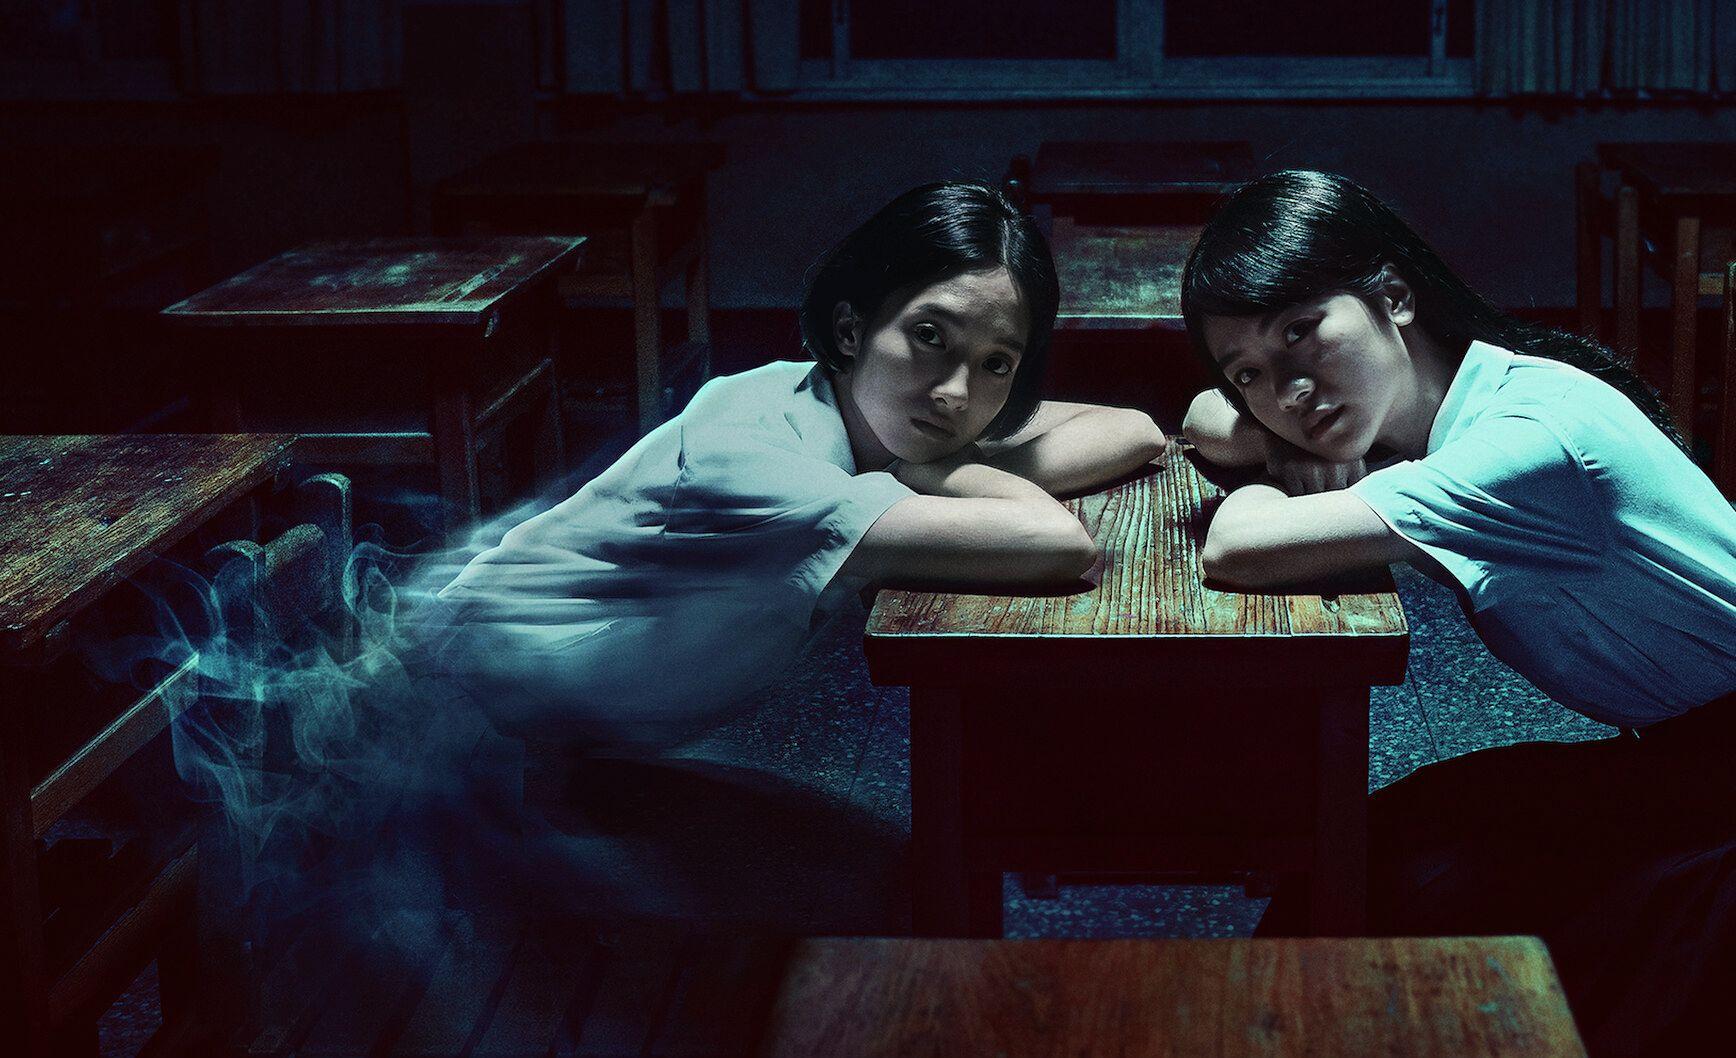 Сериал по мотивам хоррора Detention вышел на Netflix